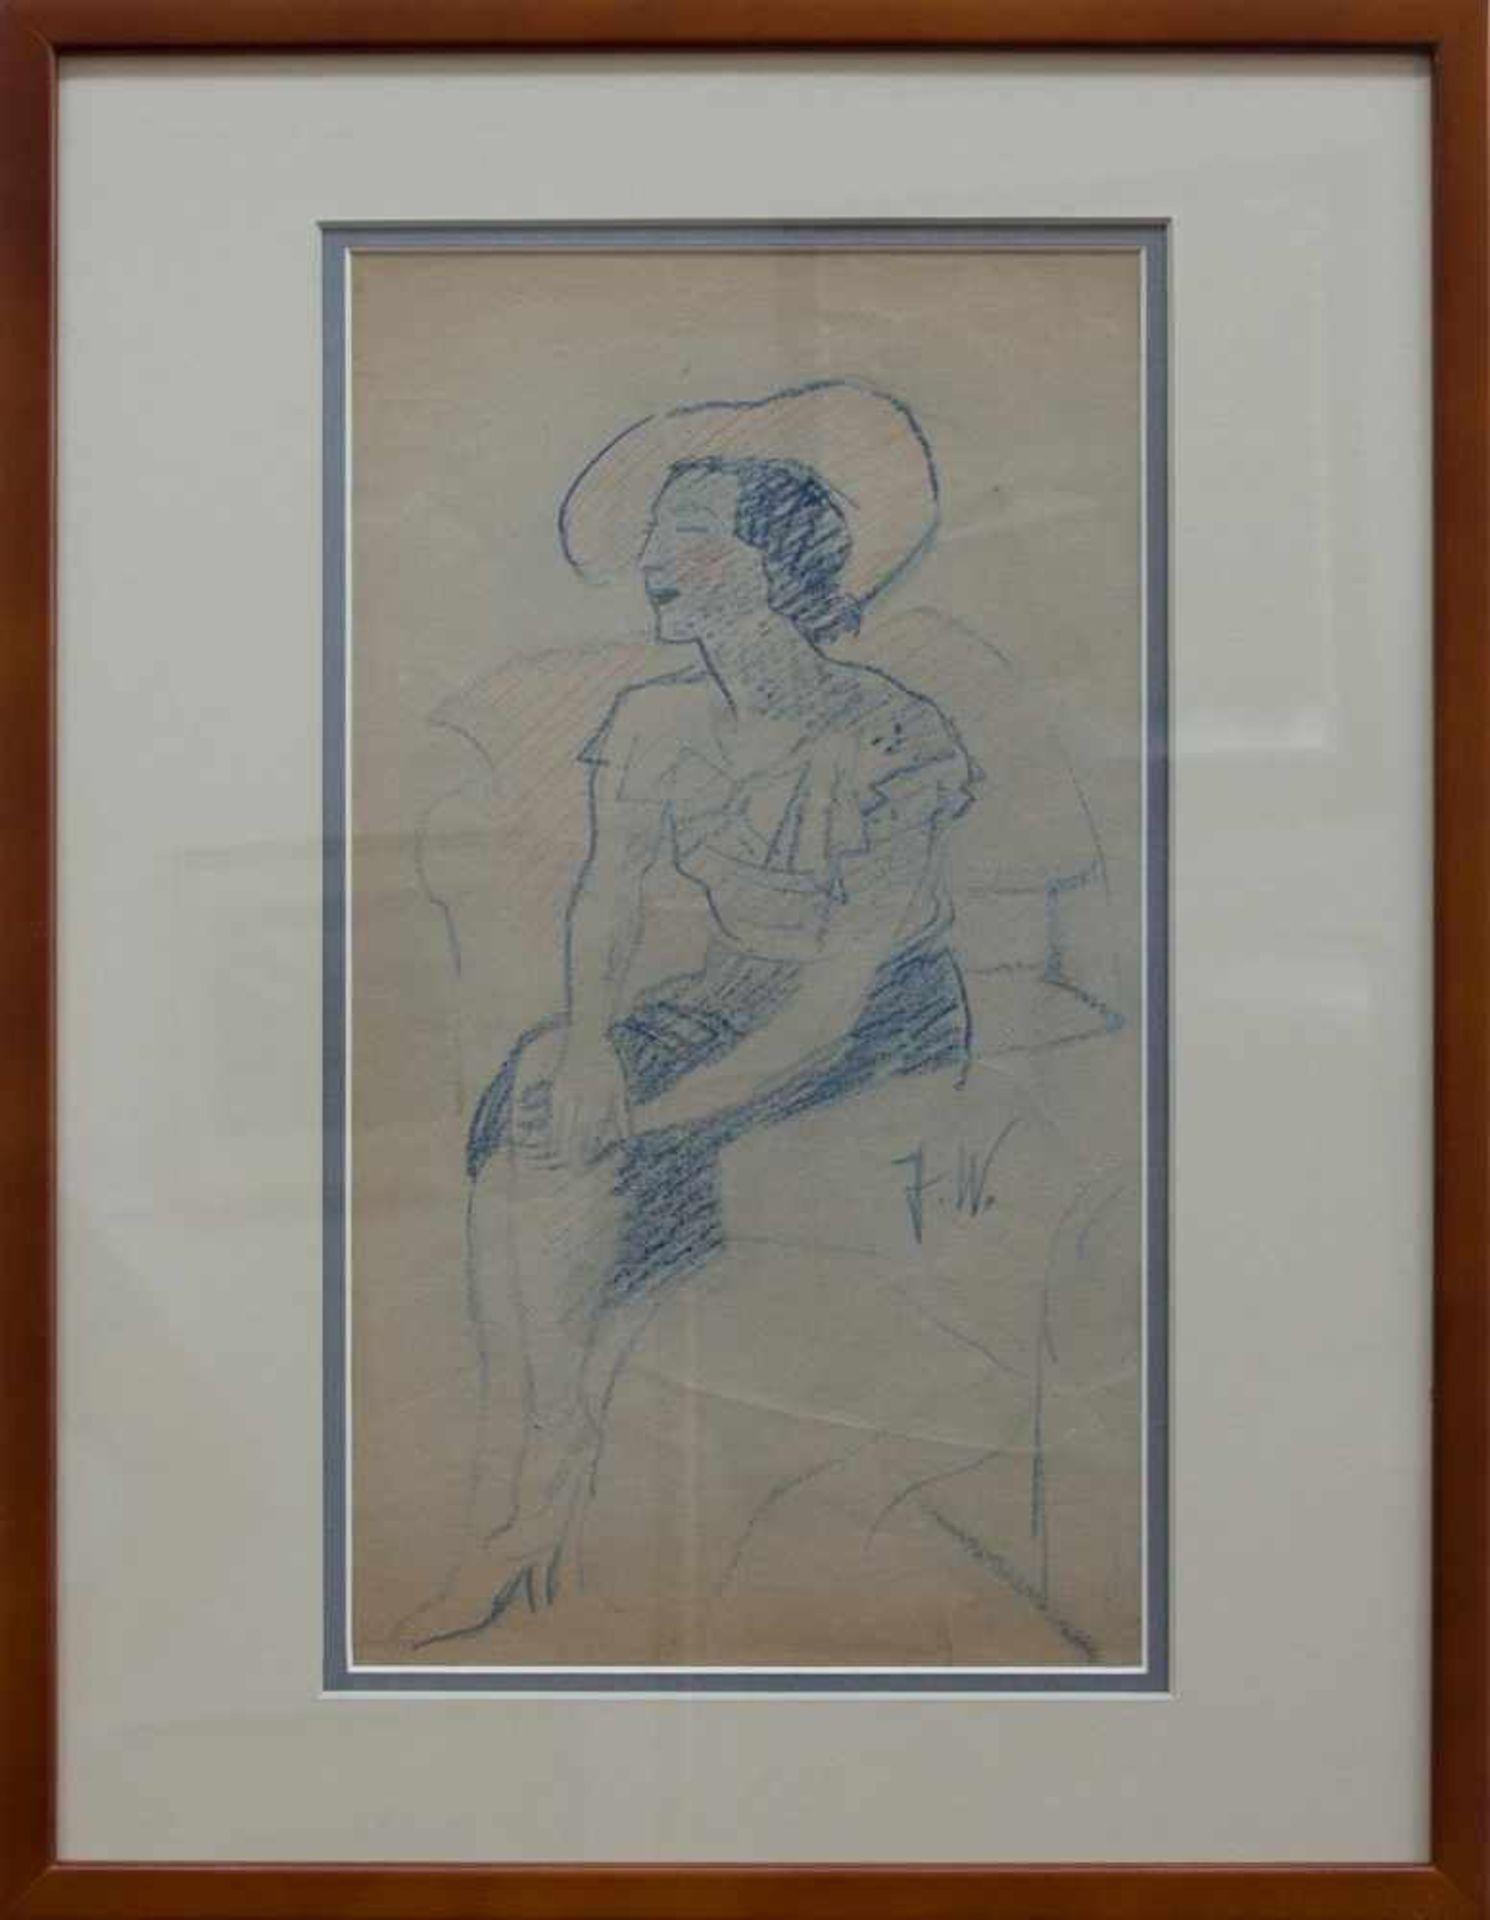 Julie Wolfthorn (Thorn 1864 - 1944 Theresienstadt, deutsche Malerin u. Grafikerin, Std. in Berlin,